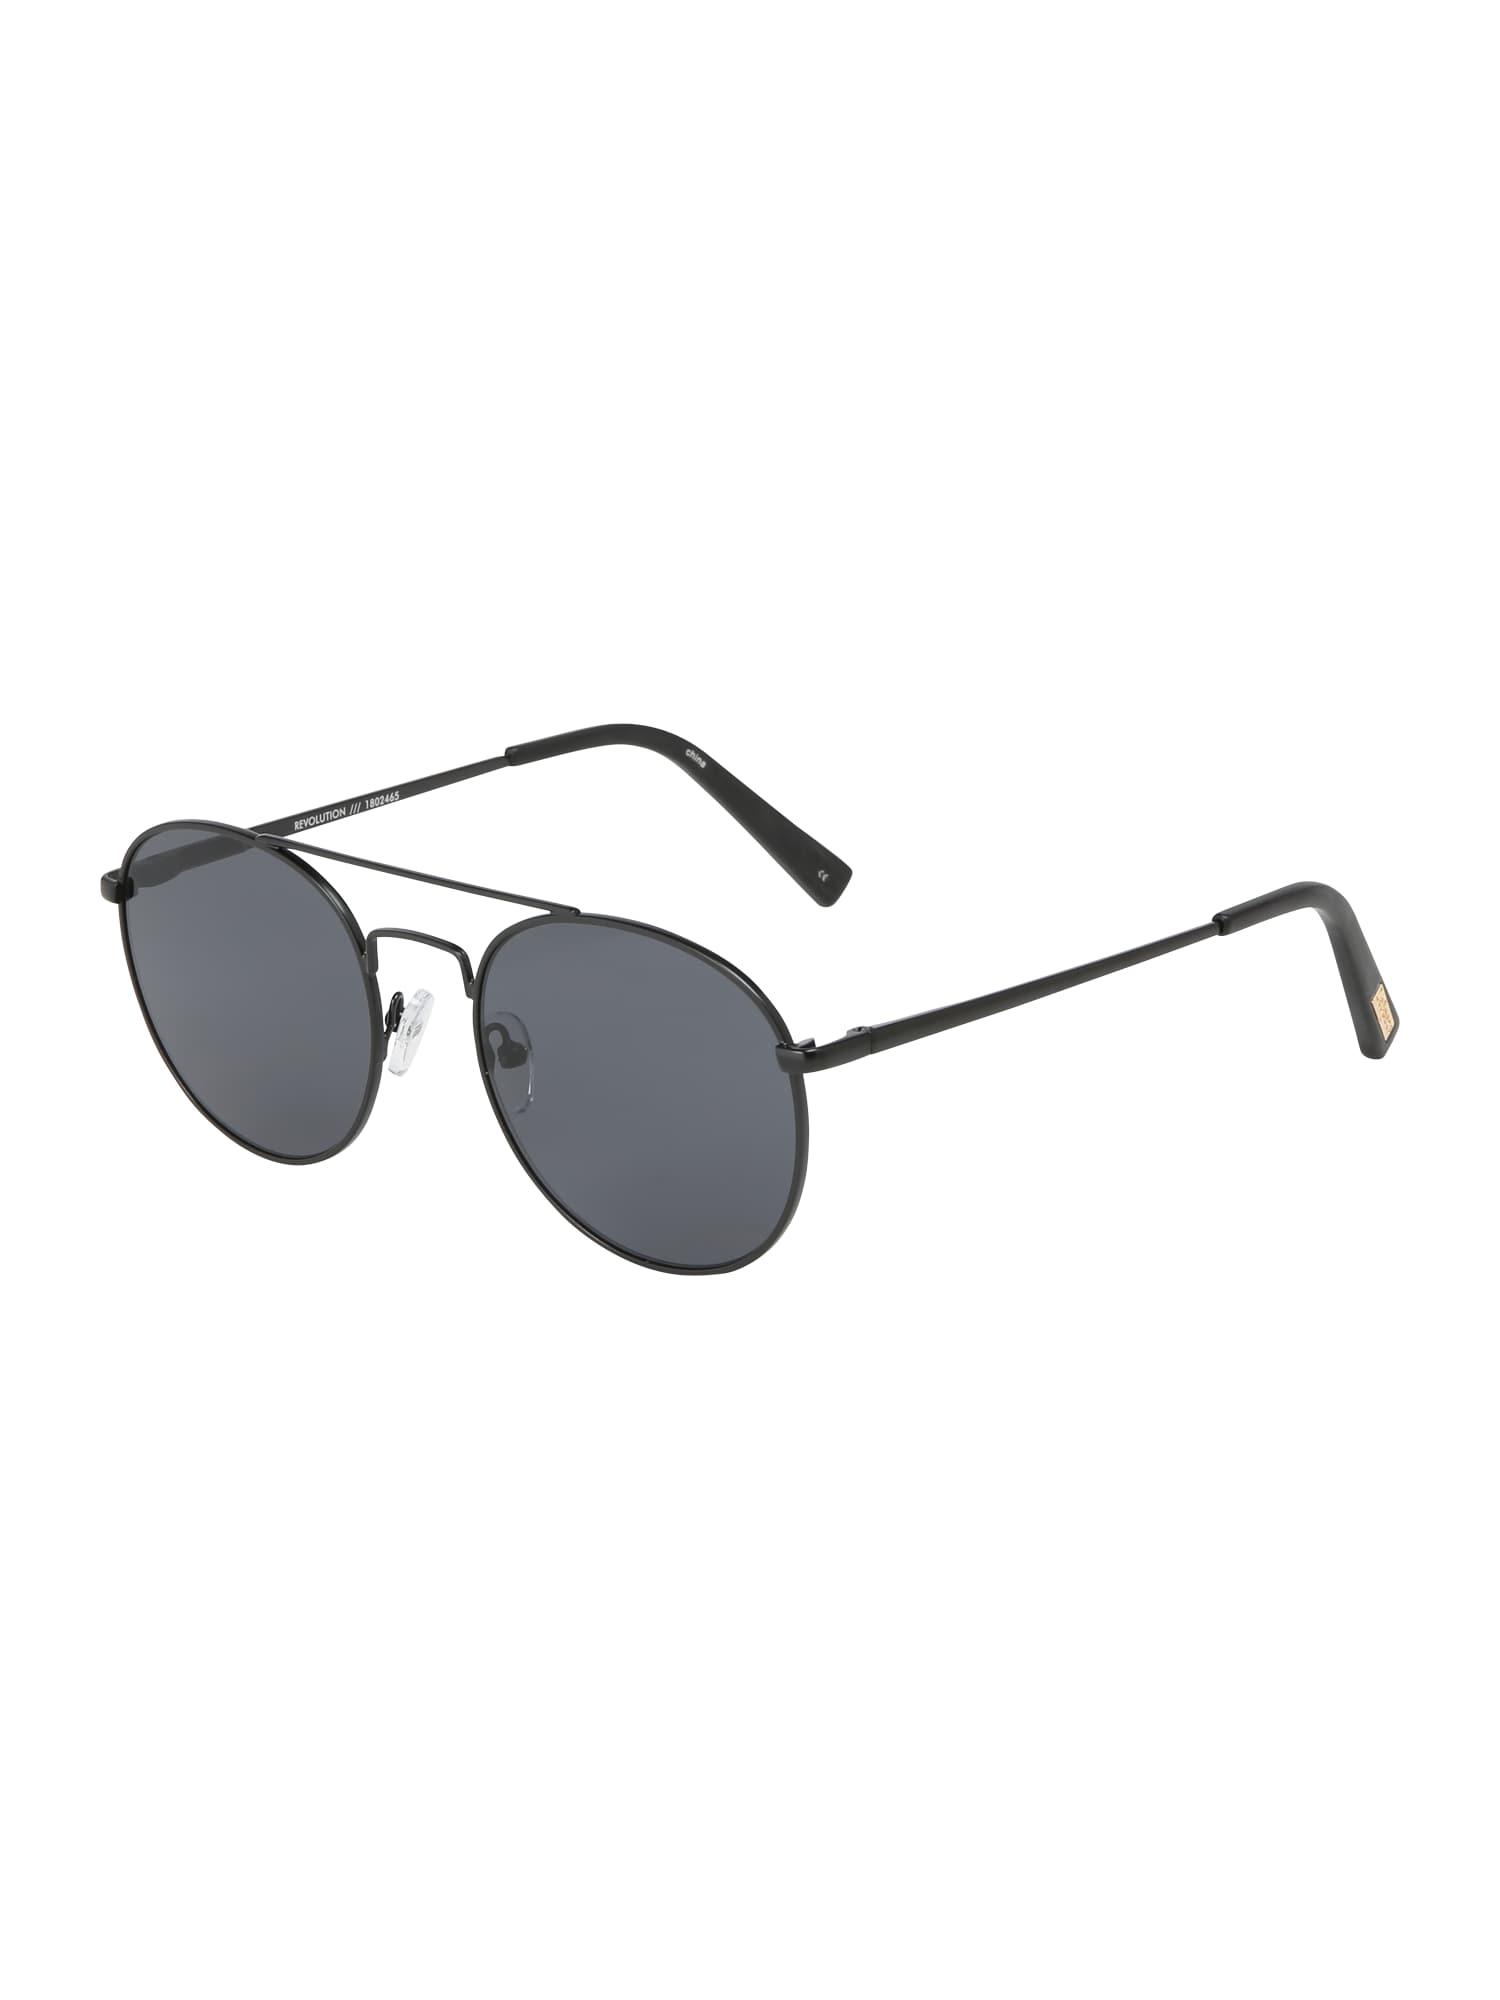 Sluneční brýle Revolution LTD. Edition černá LE SPECS